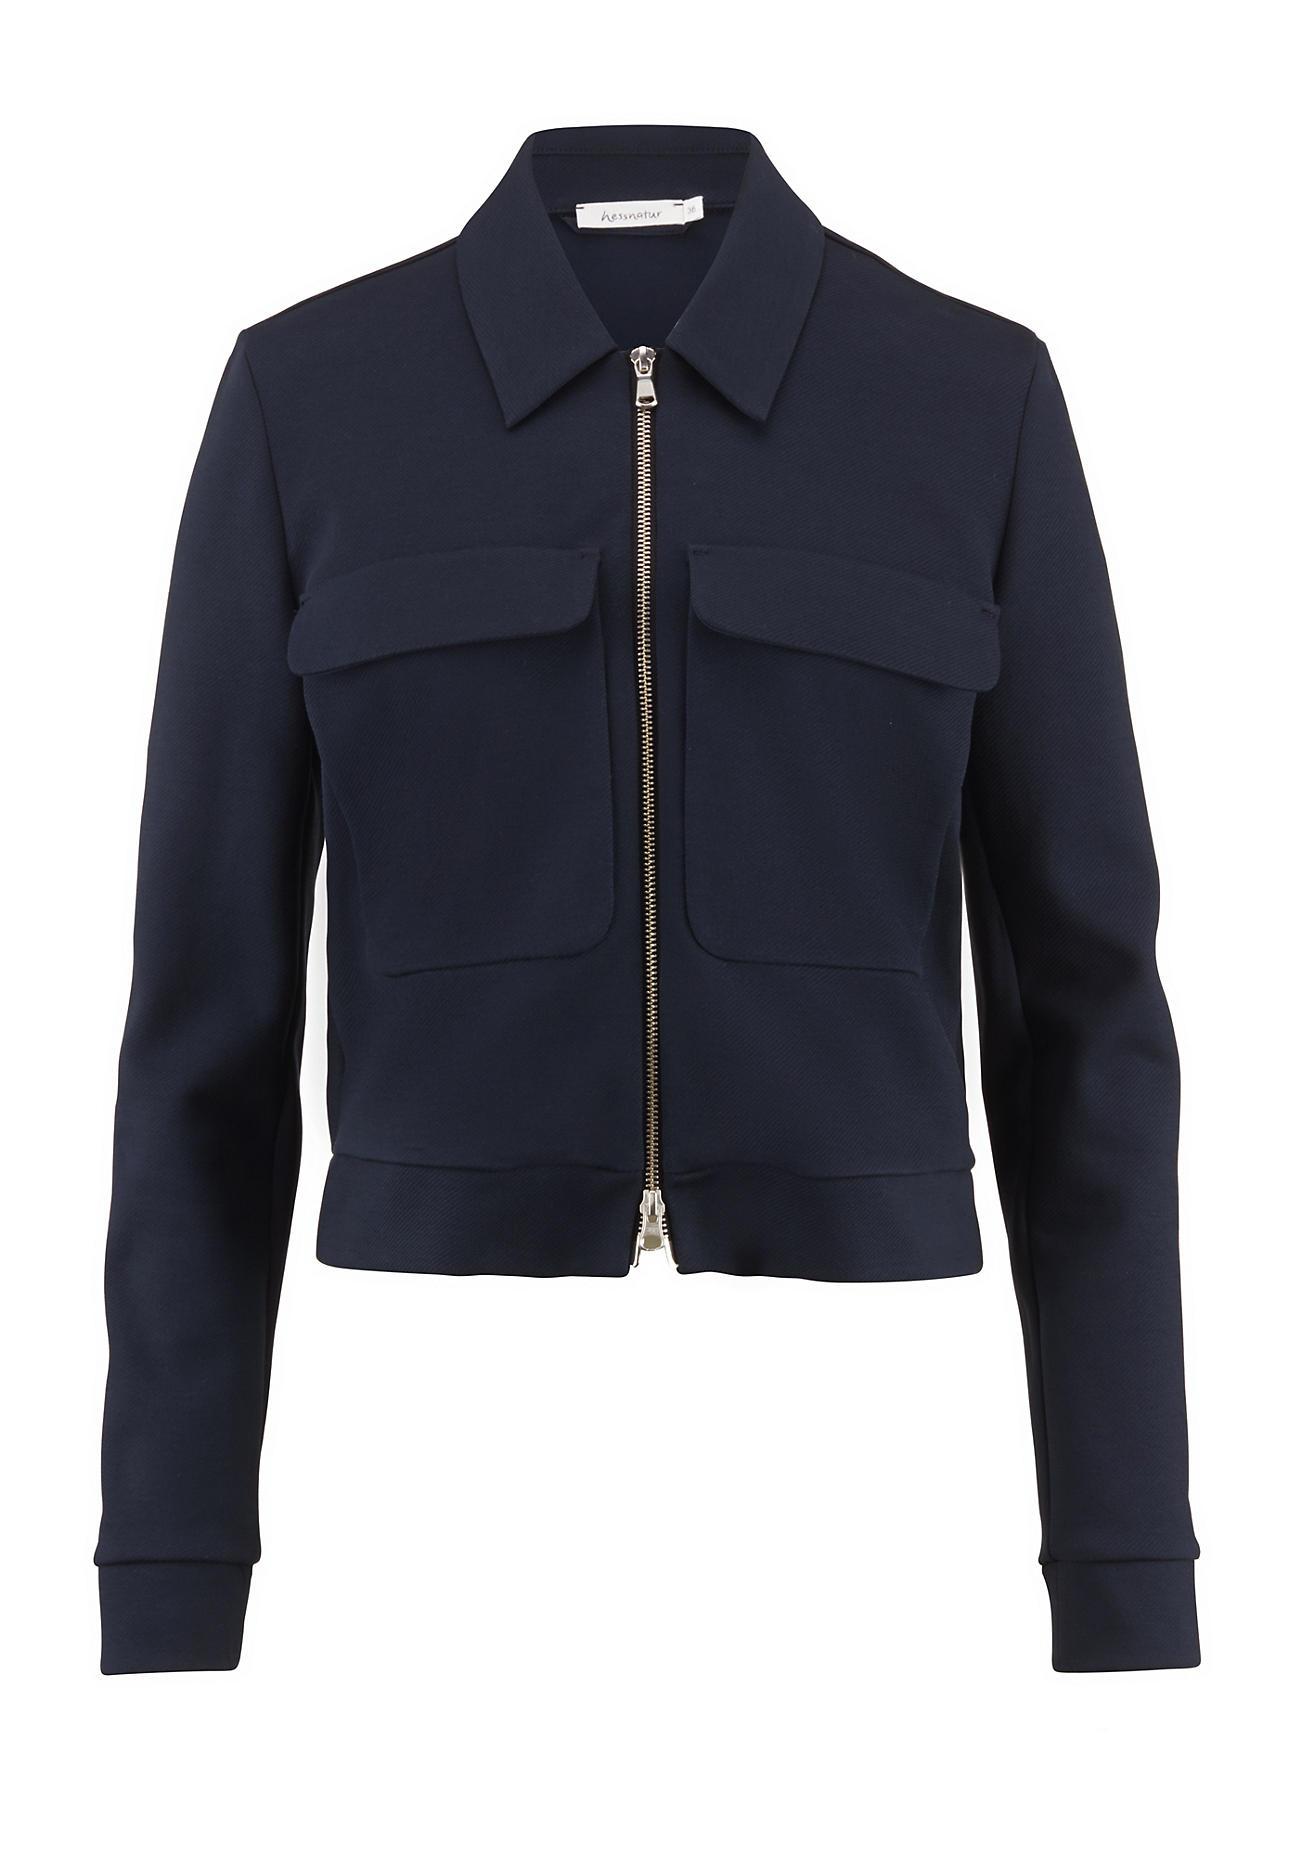 hessnatur Damen Kurz-Jacke aus Bio-Baumwolle – blau – Größe 48 | Bekleidung > Jacken > Kurzjacken | hessnatur